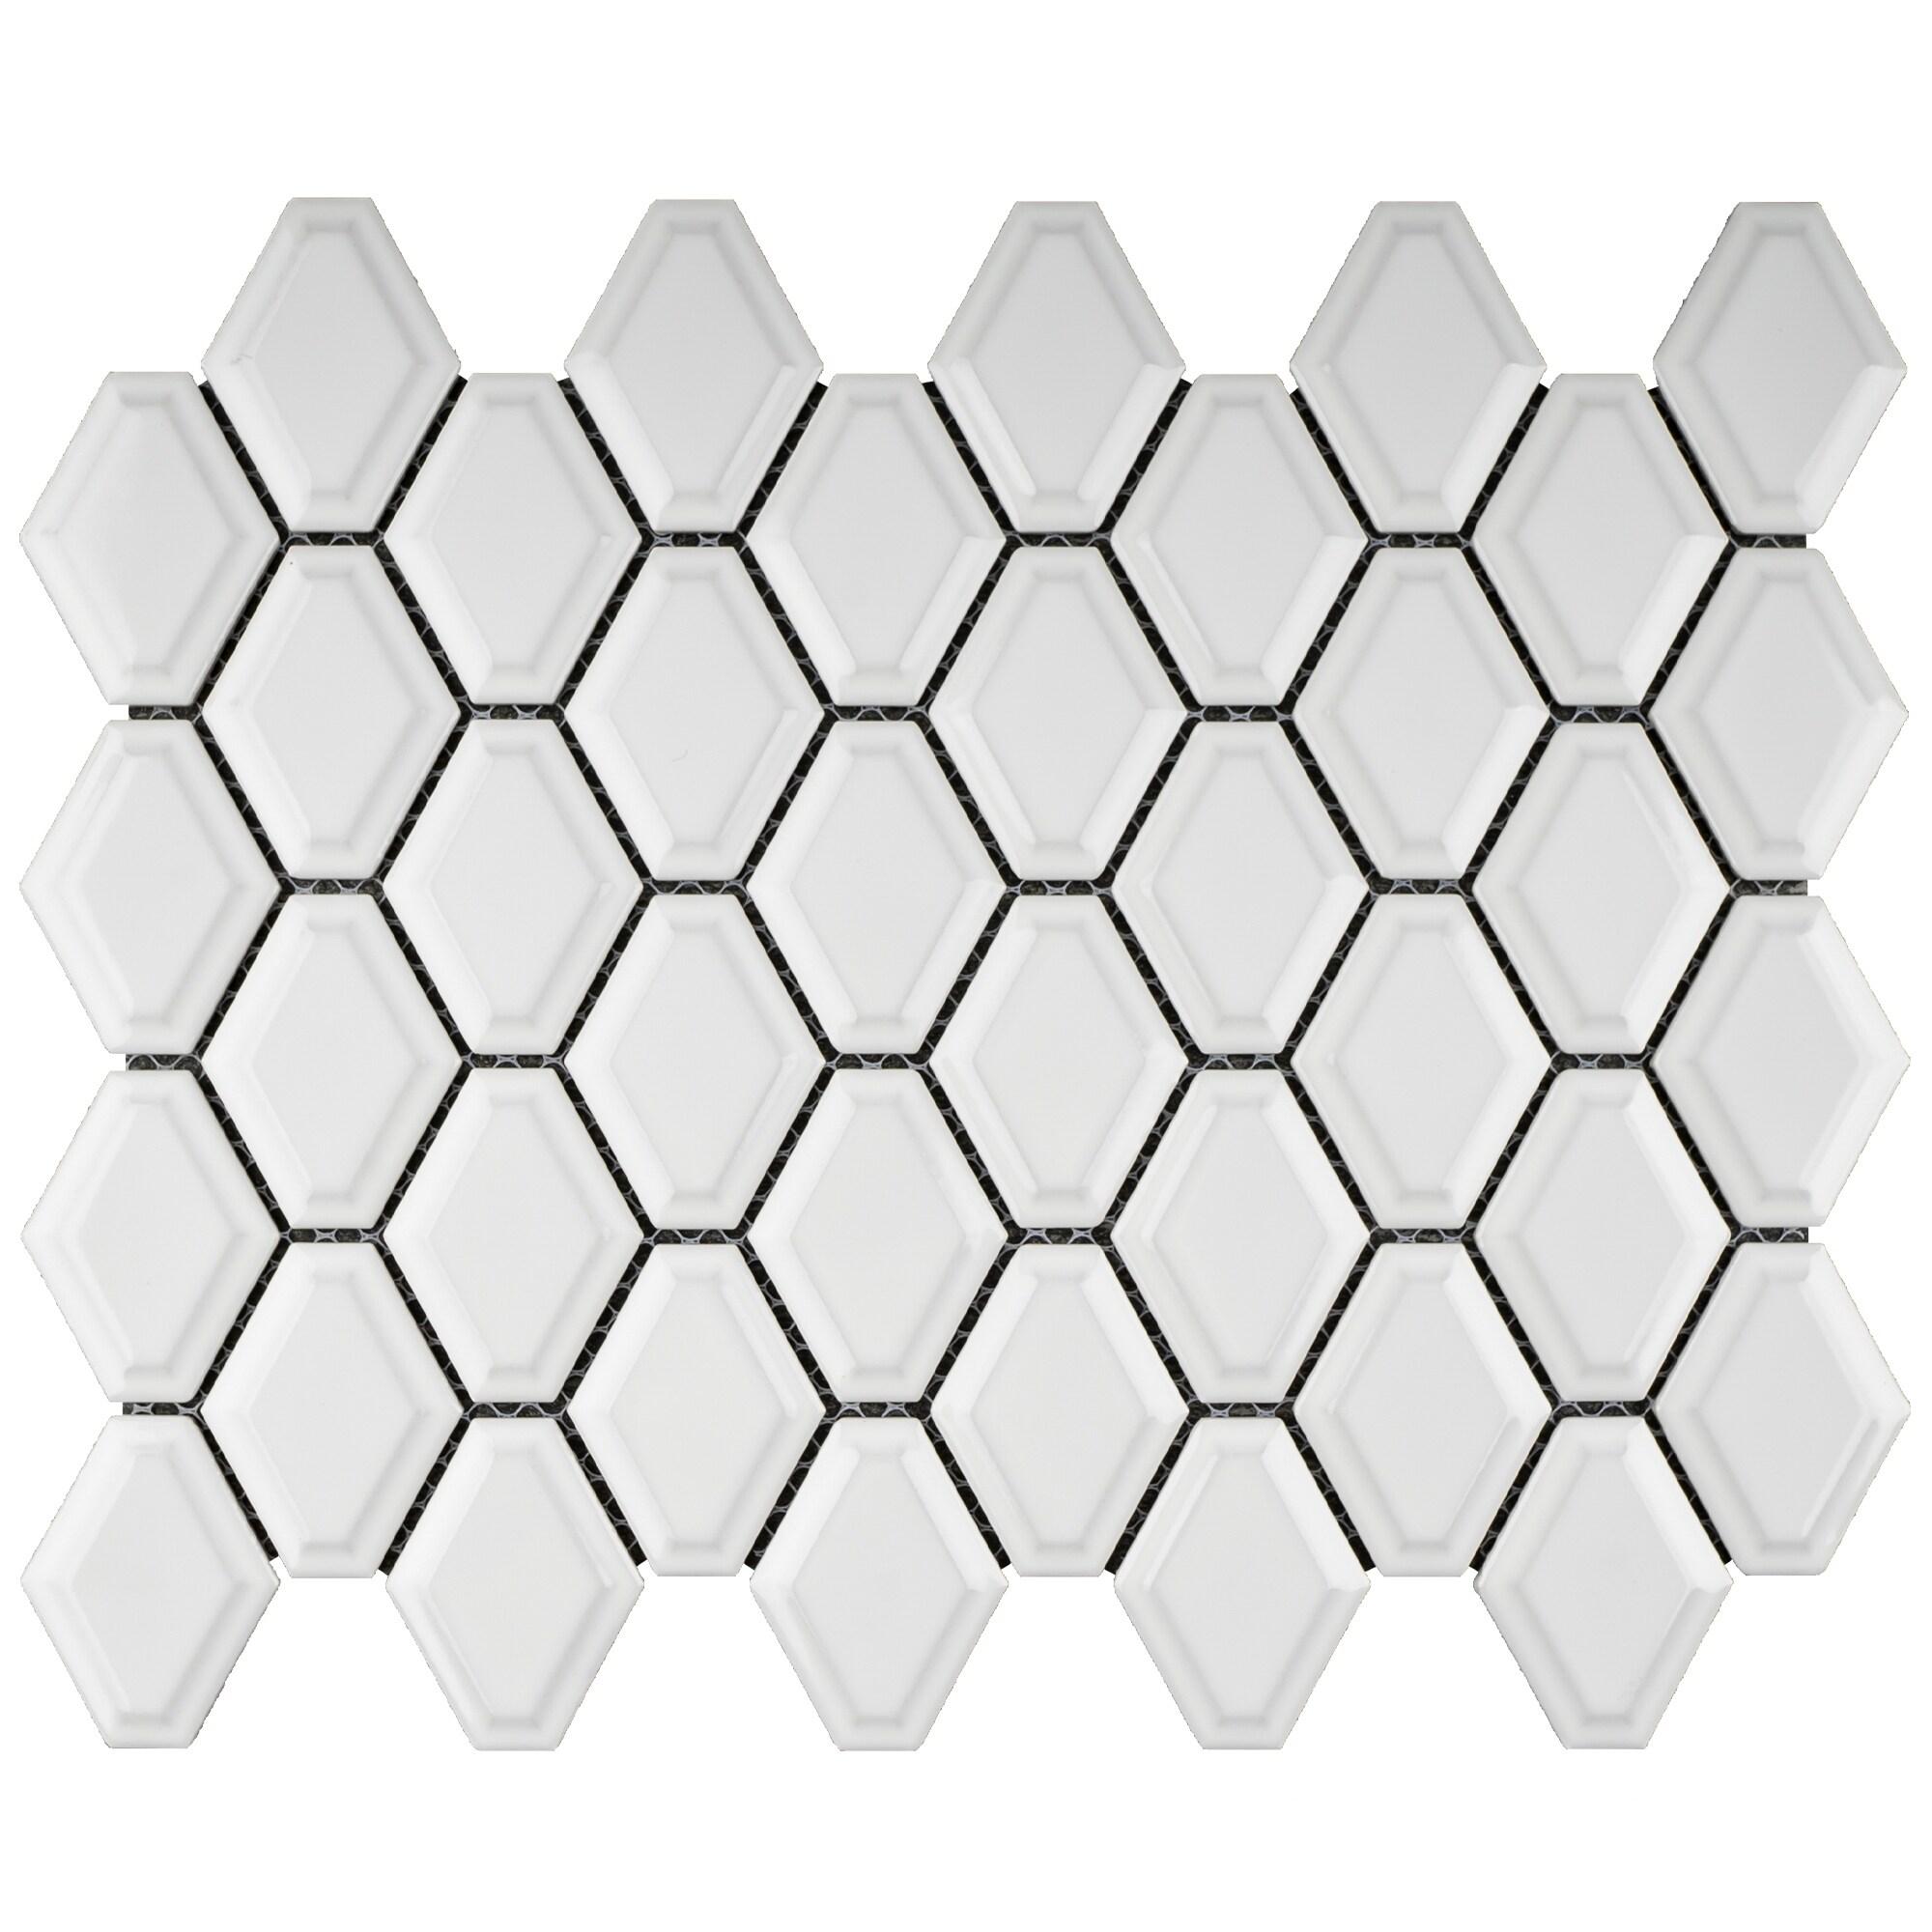 tilegen diamond 3 x 3 porcelain mosaic tile in white floor and wall tile 11 sheets 9 35sqft